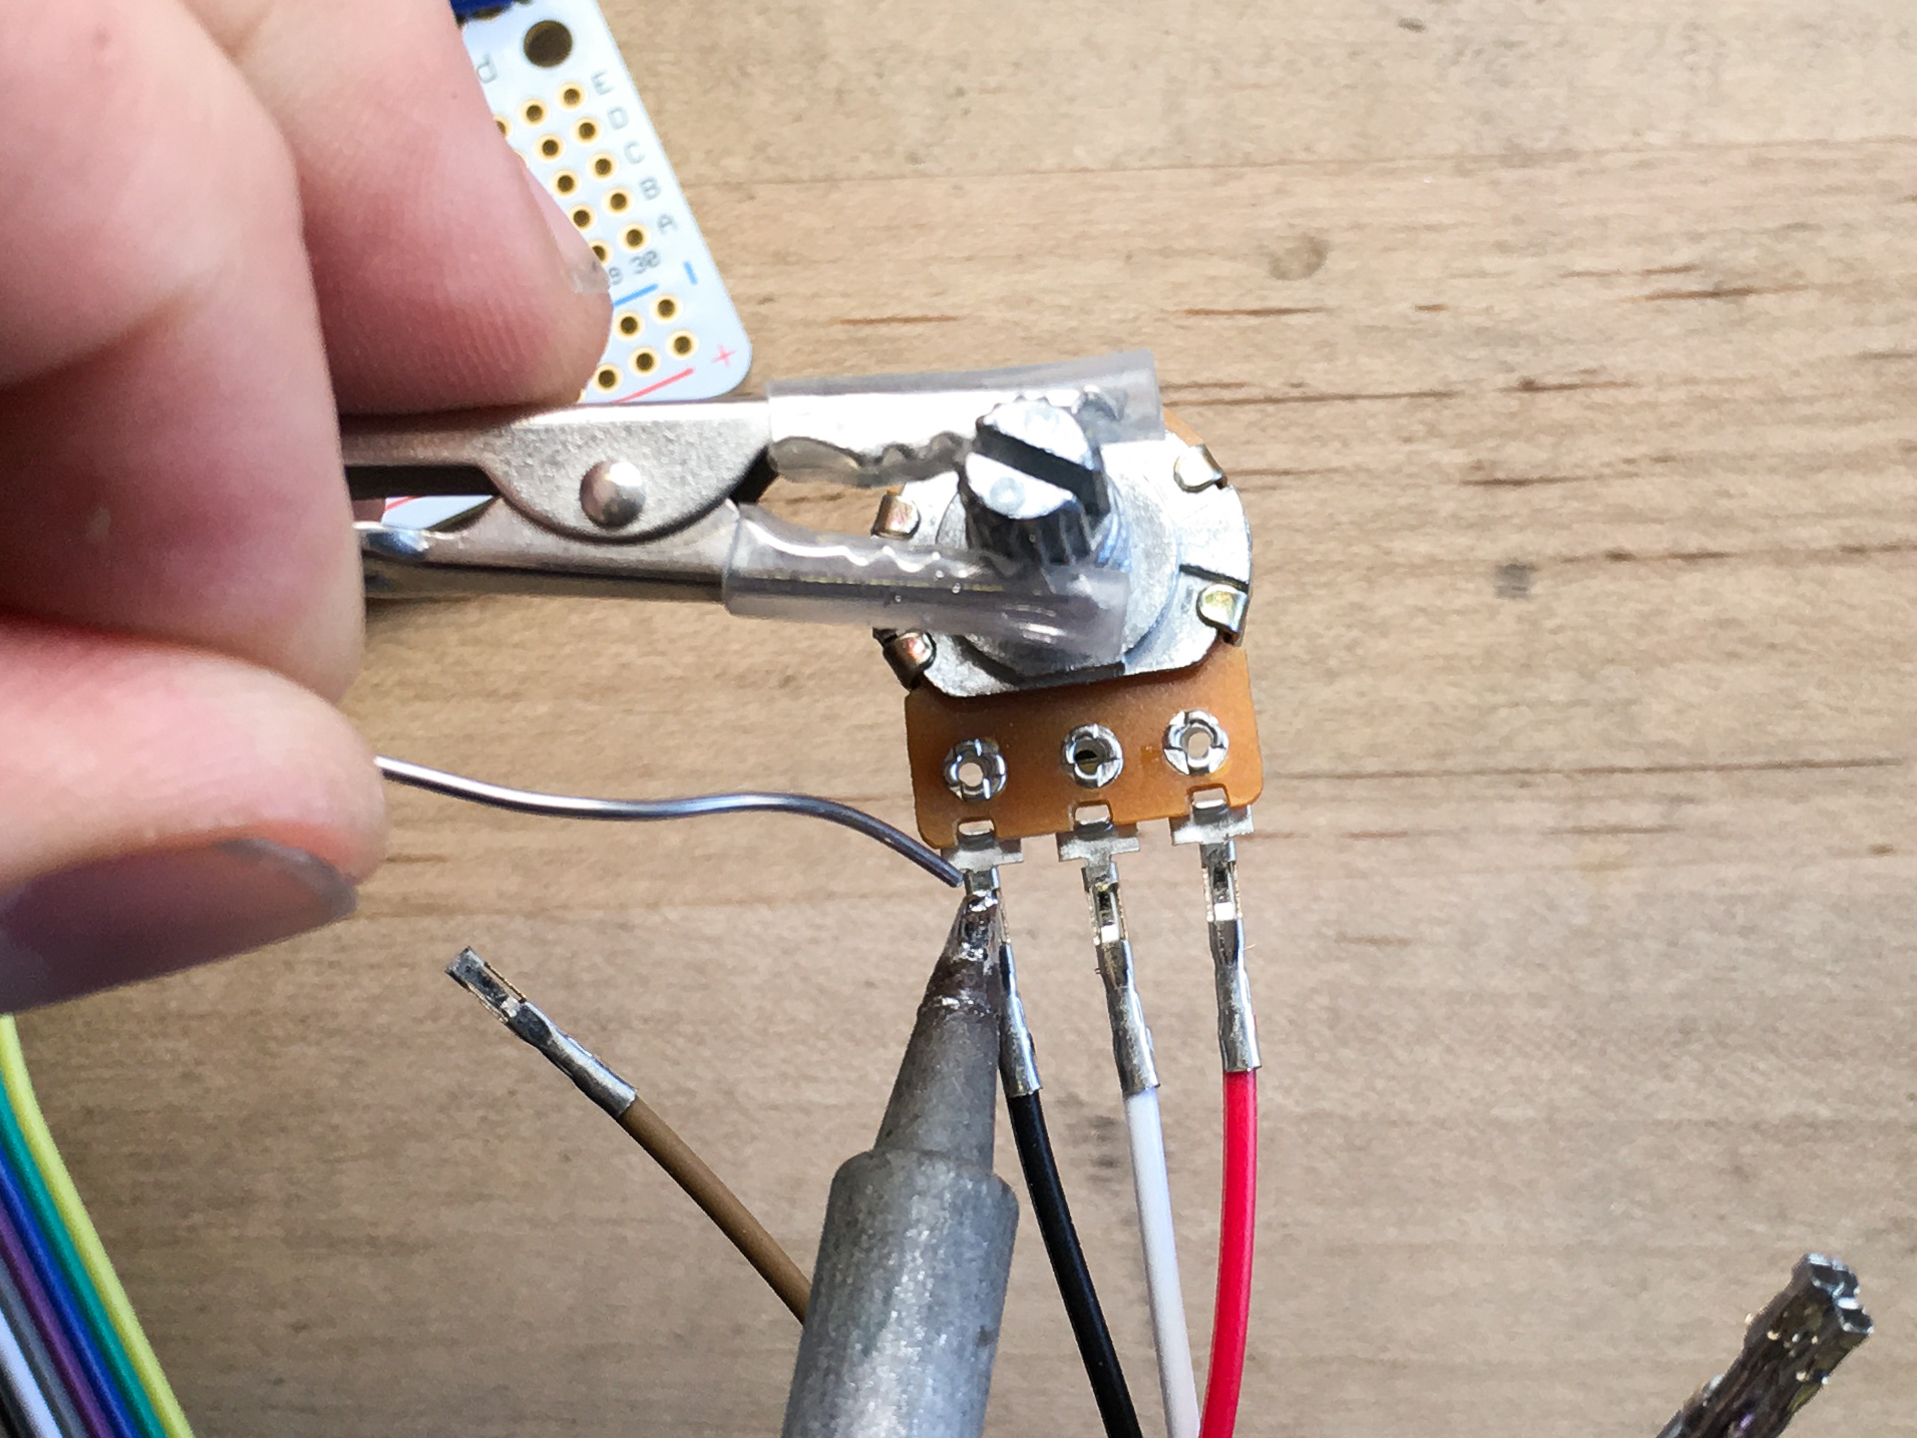 microcontrollers_IMG_1971_2k.jpg